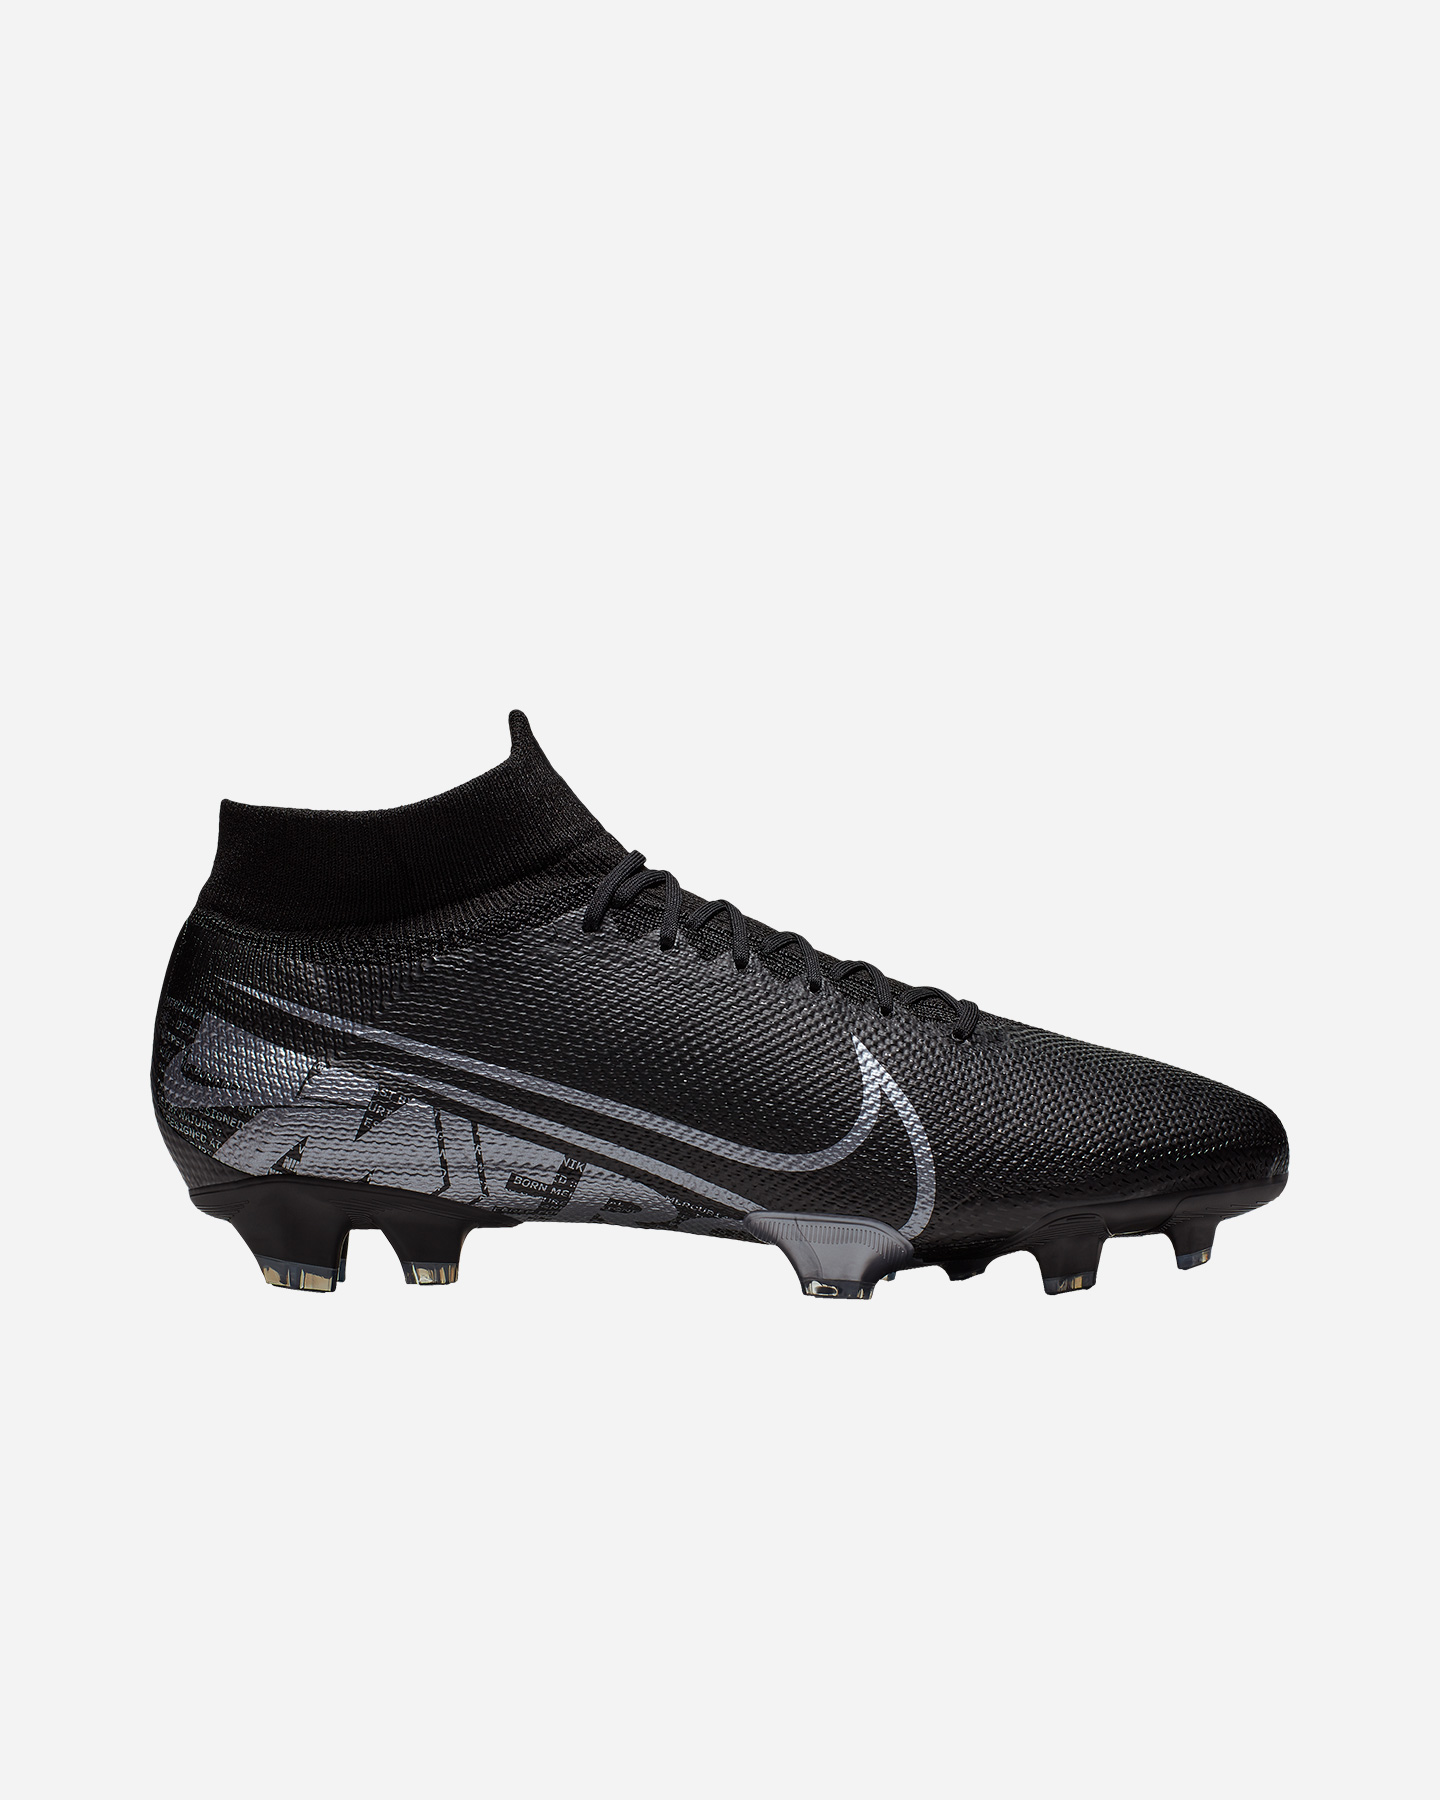 Scarpe Calcio Bambino Nike Mercurial Superfly Vi Club Mg Always Forward Pack Taglia 37,5 Colore: Giallo nero